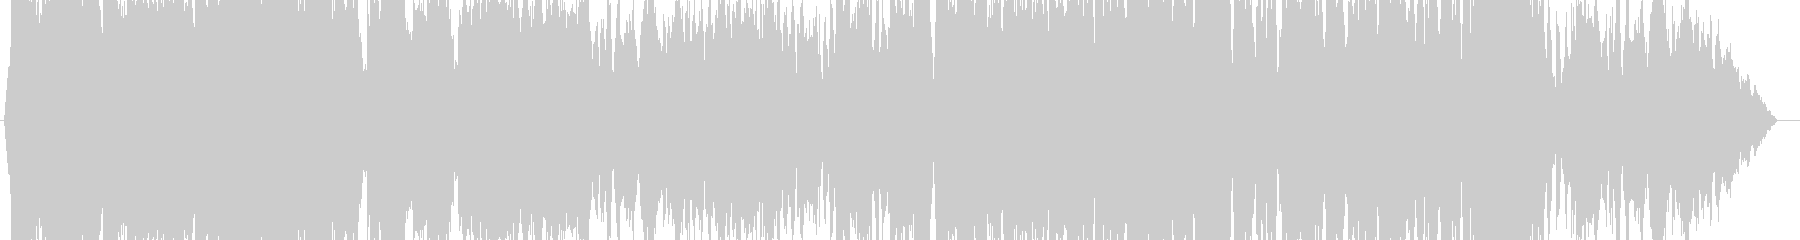 オーケストラのラストバトル曲の未再生の波形